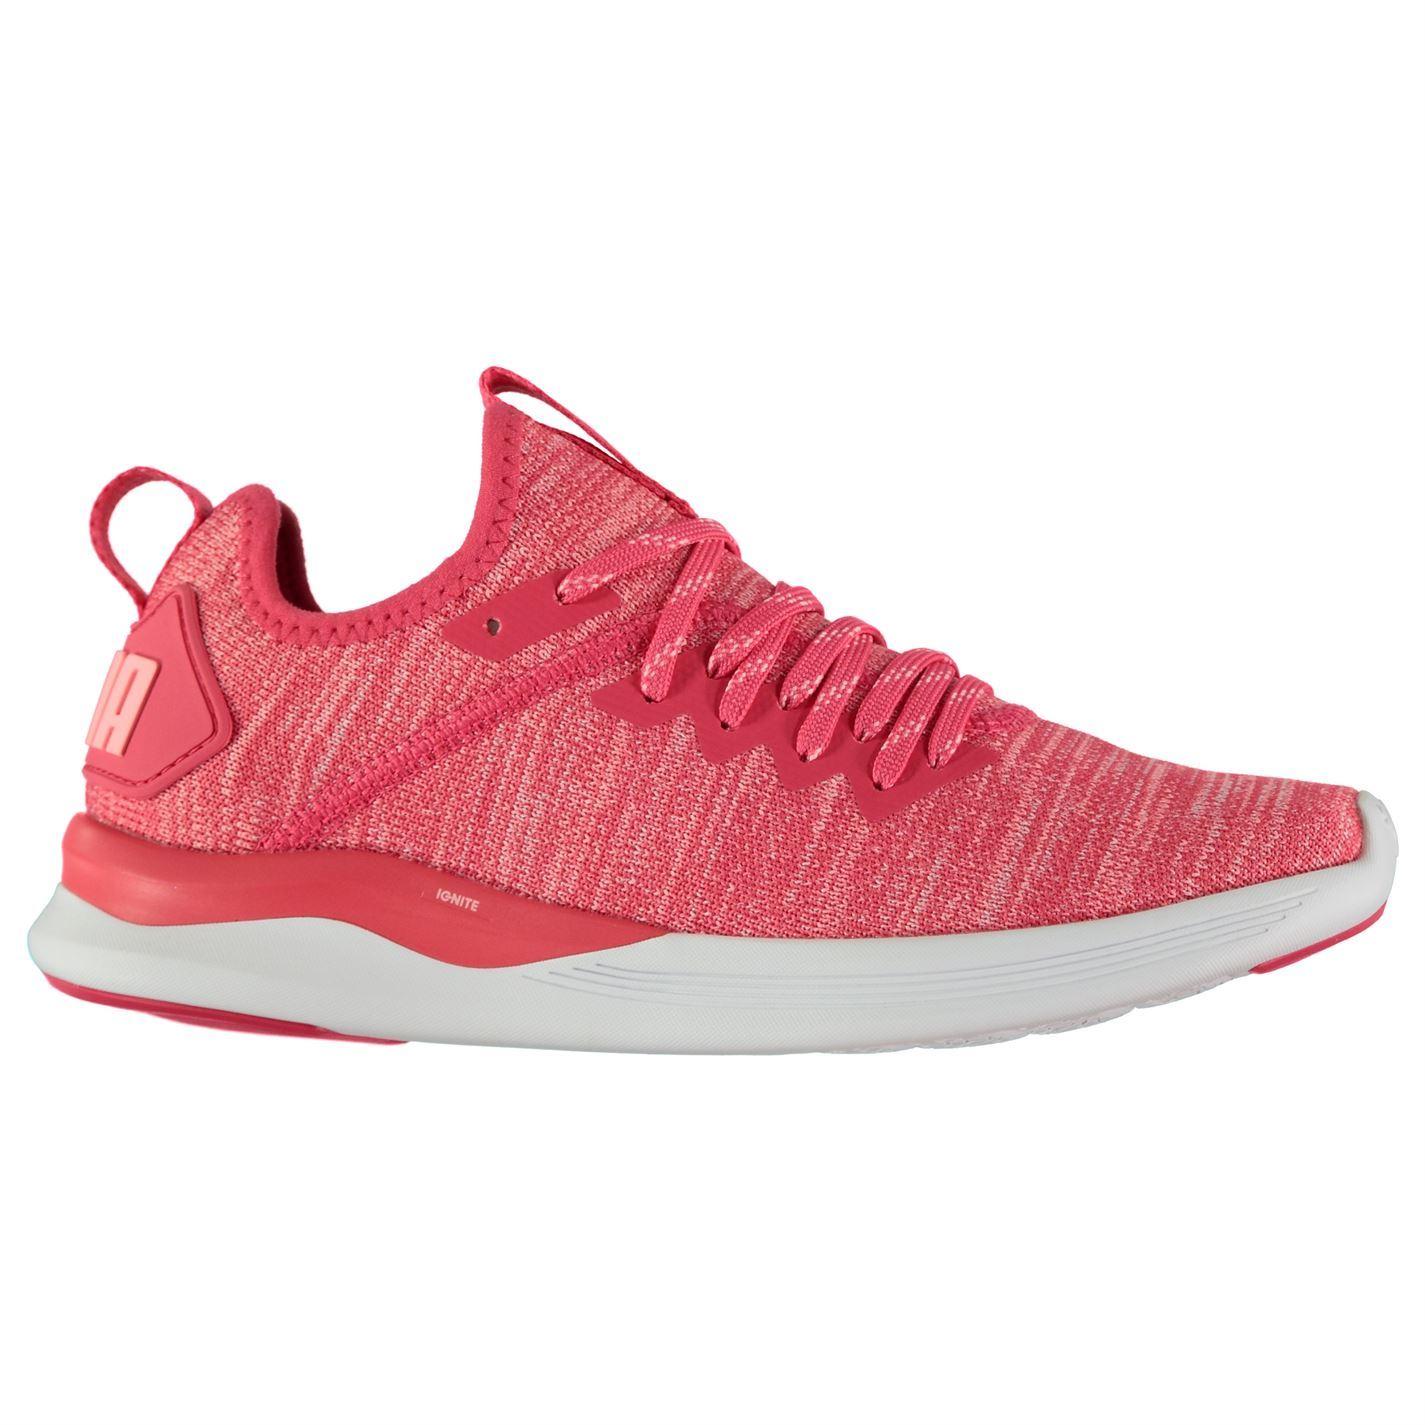 Puma Damenss entzünden flash ausbilder läufer anziehen, stricken muster muster muster ausbildung 8f3b8f